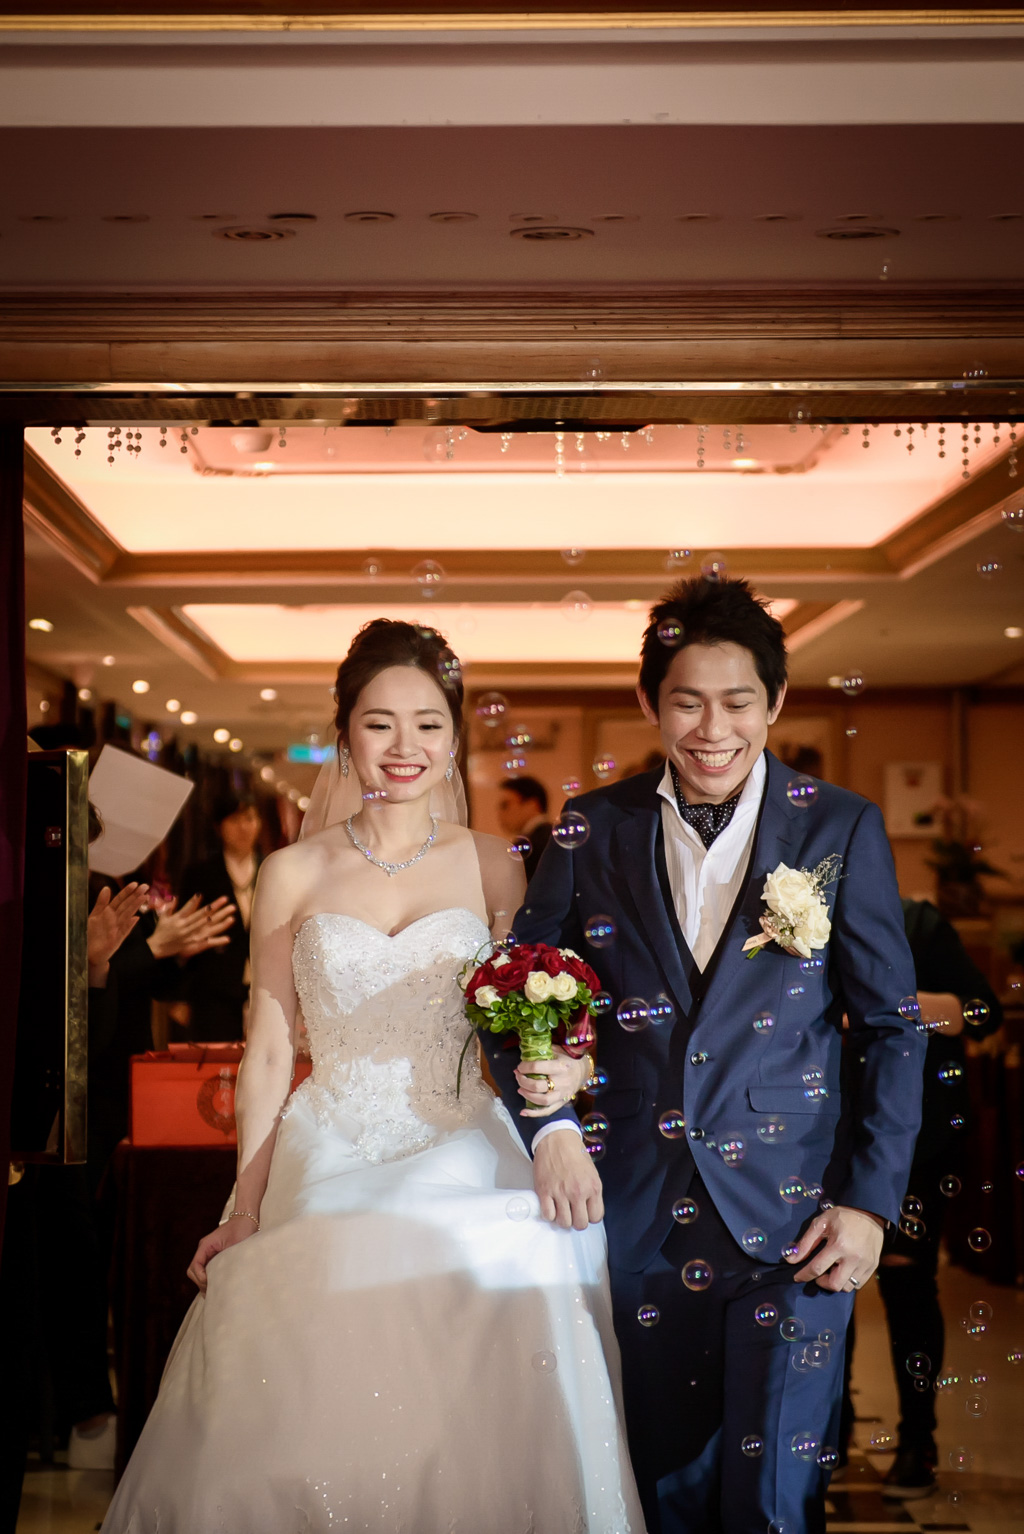 婚攝小勇, 小寶團隊, 台北婚攝, 天成, 天成婚宴, 天成婚攝, Alice, wedding day-060